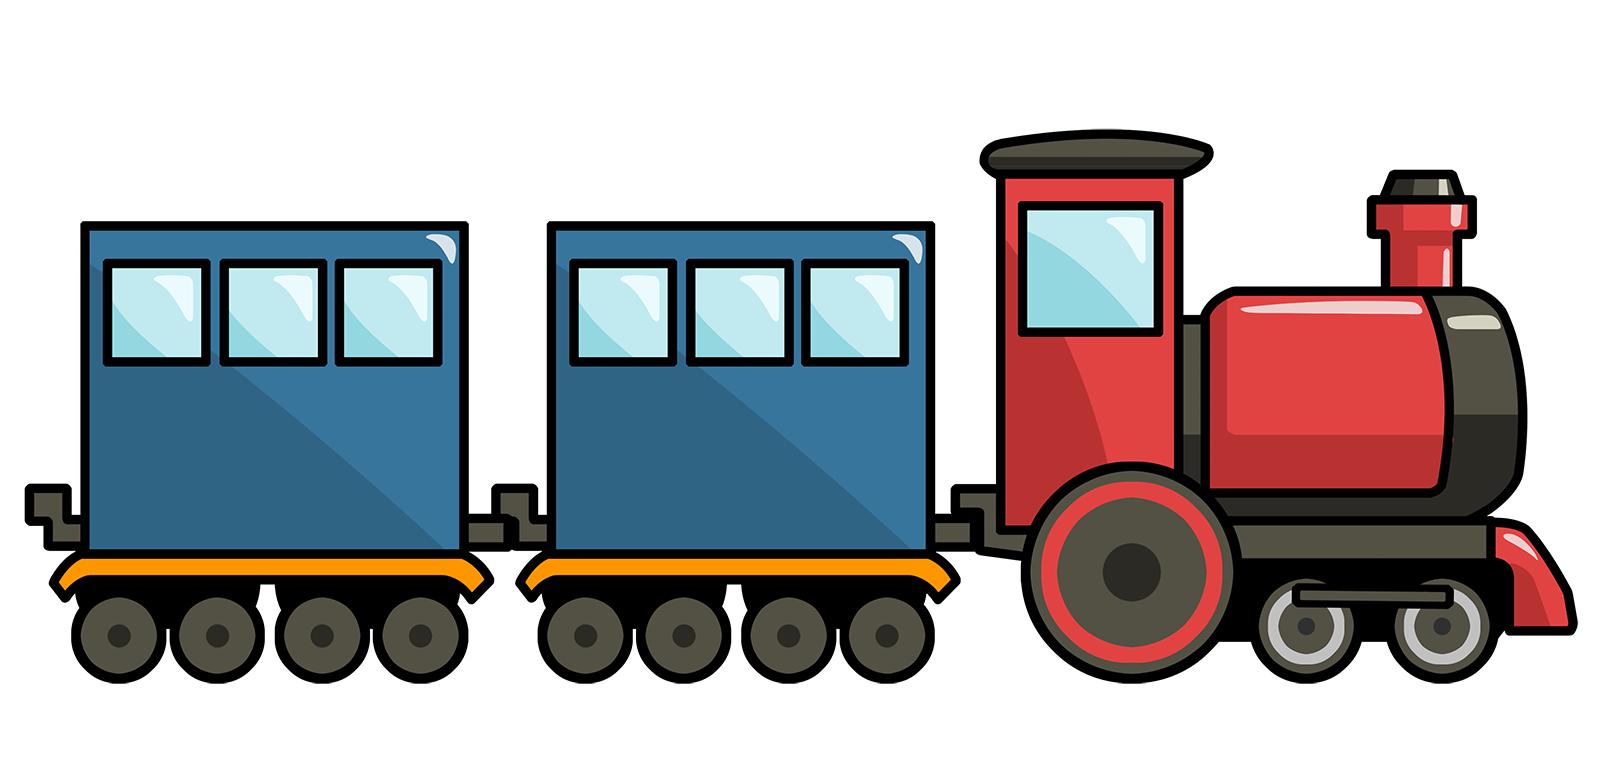 ... Clipart Train - clipartall ...